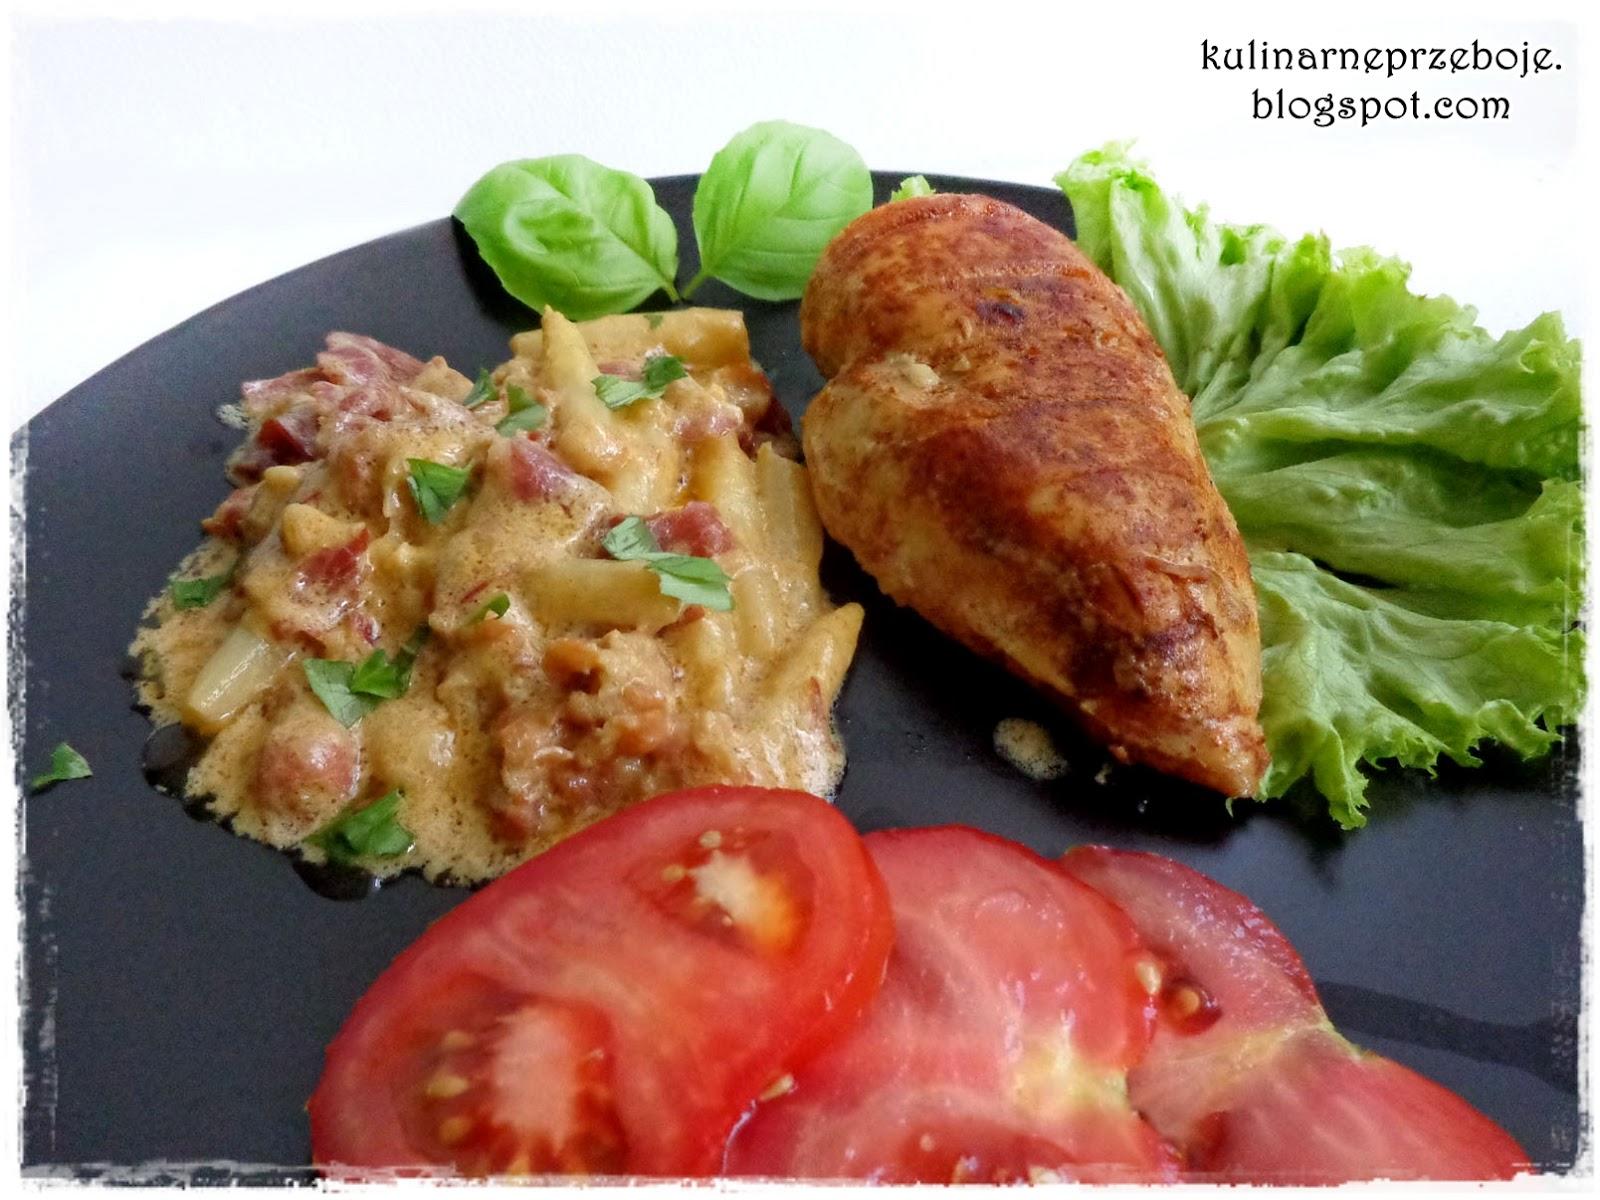 Piersi kurczaka w kremowym sosie z białymi szparagami